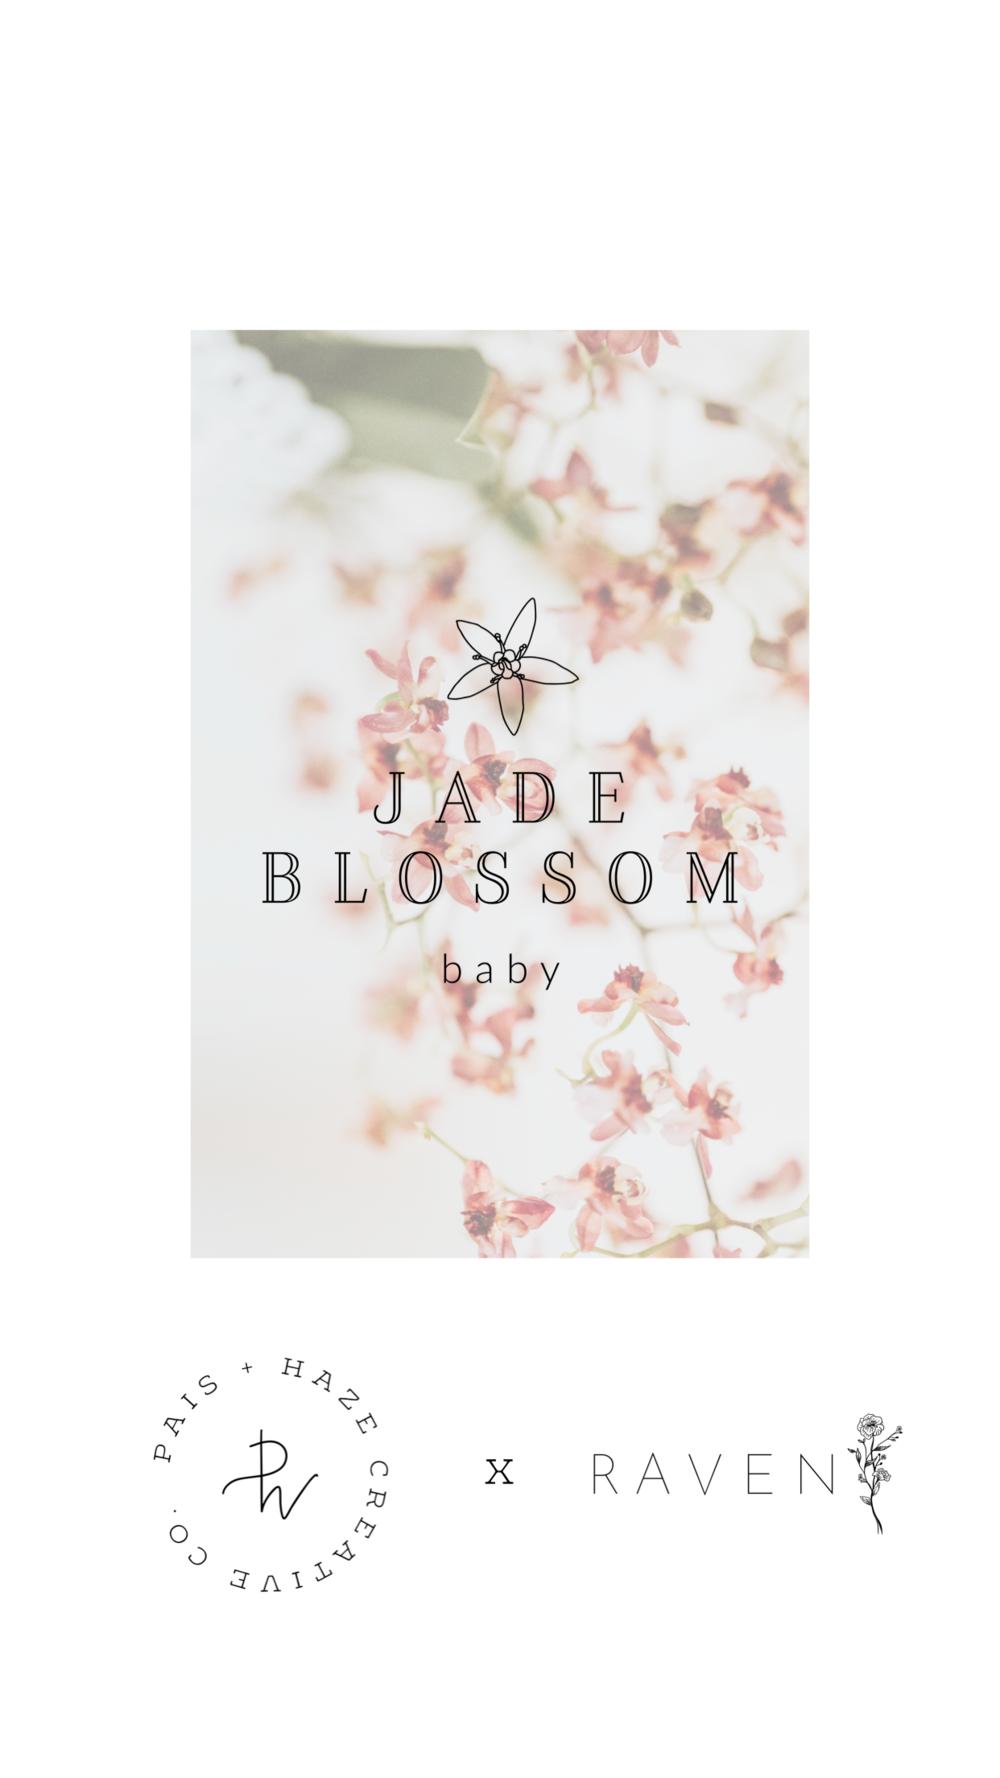 JadeBlossomxRaven.PNG